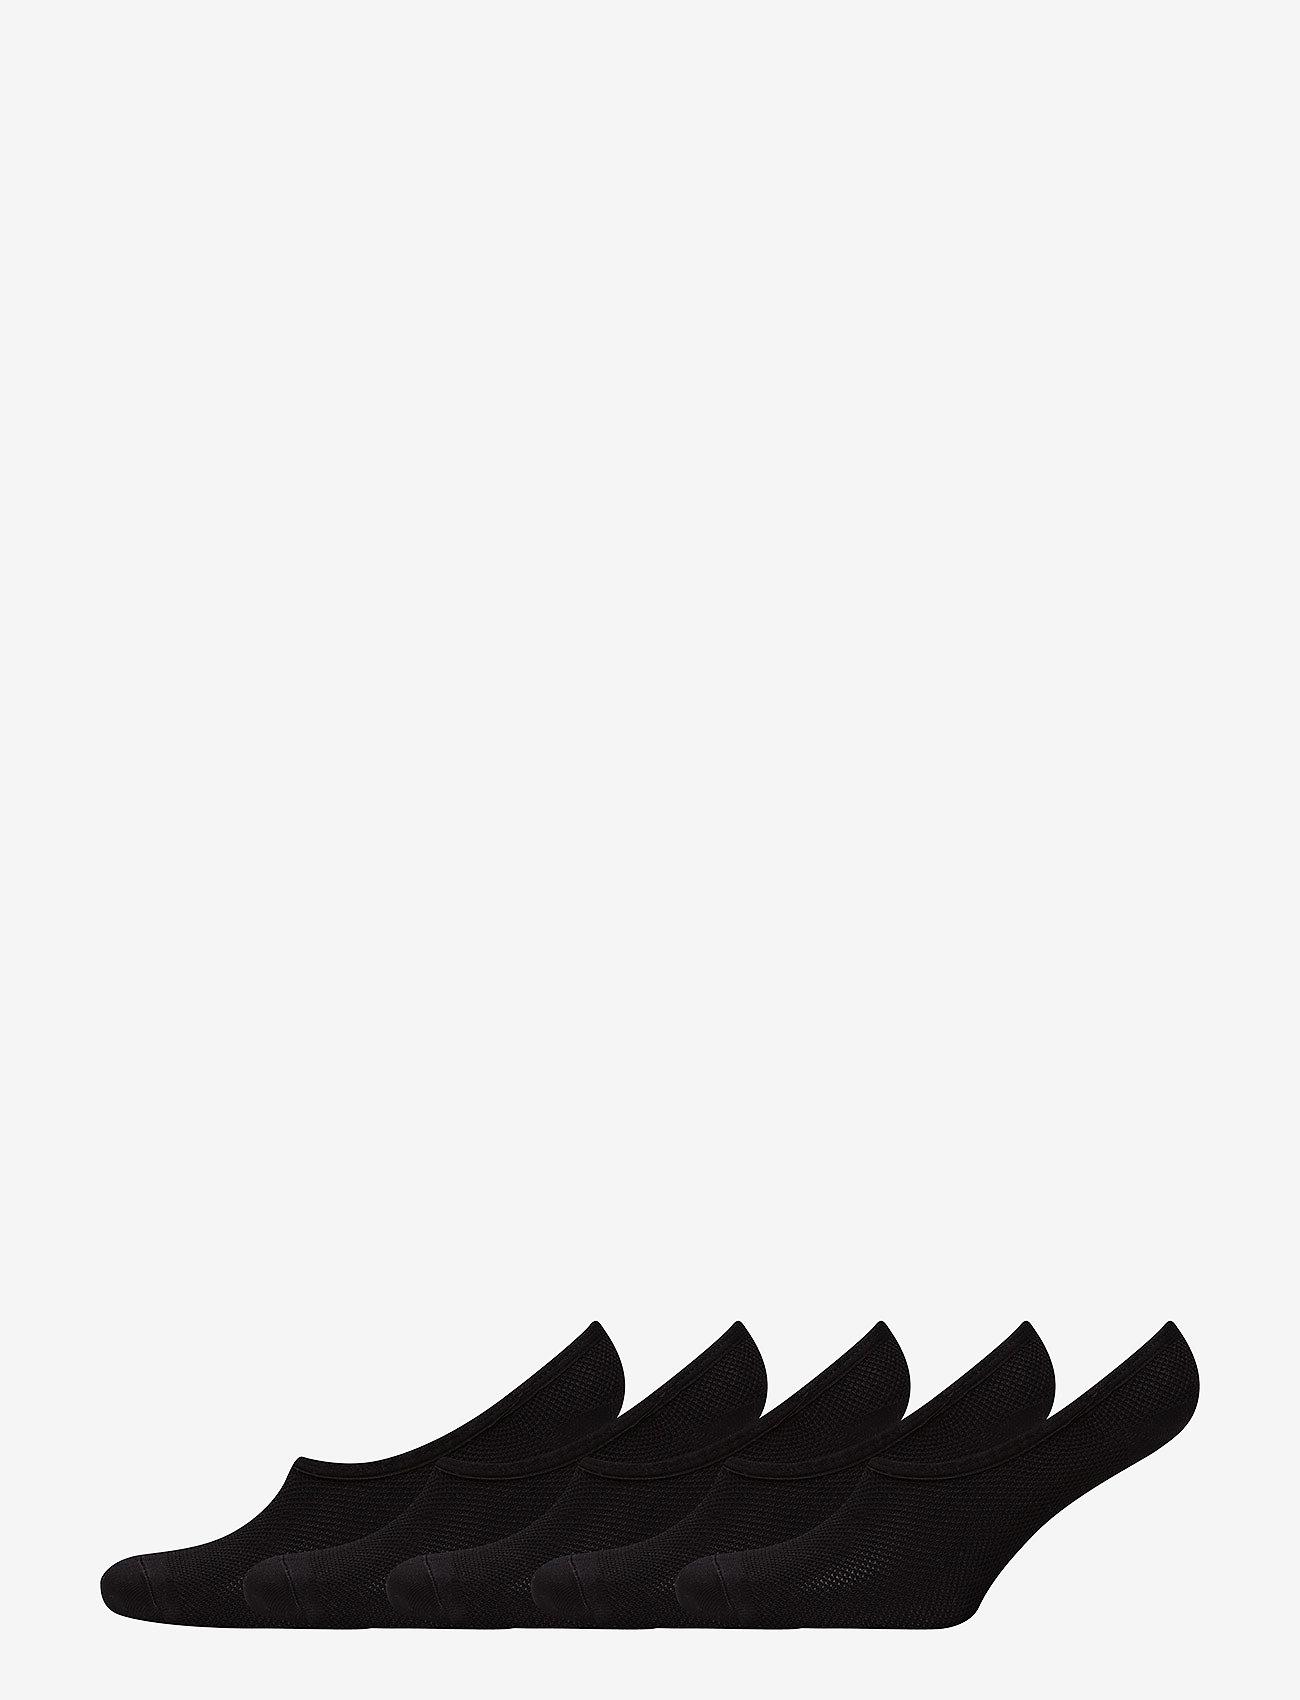 Decoy - DECOY footies quick dry 5-pack - chaussettes sport - black - 0